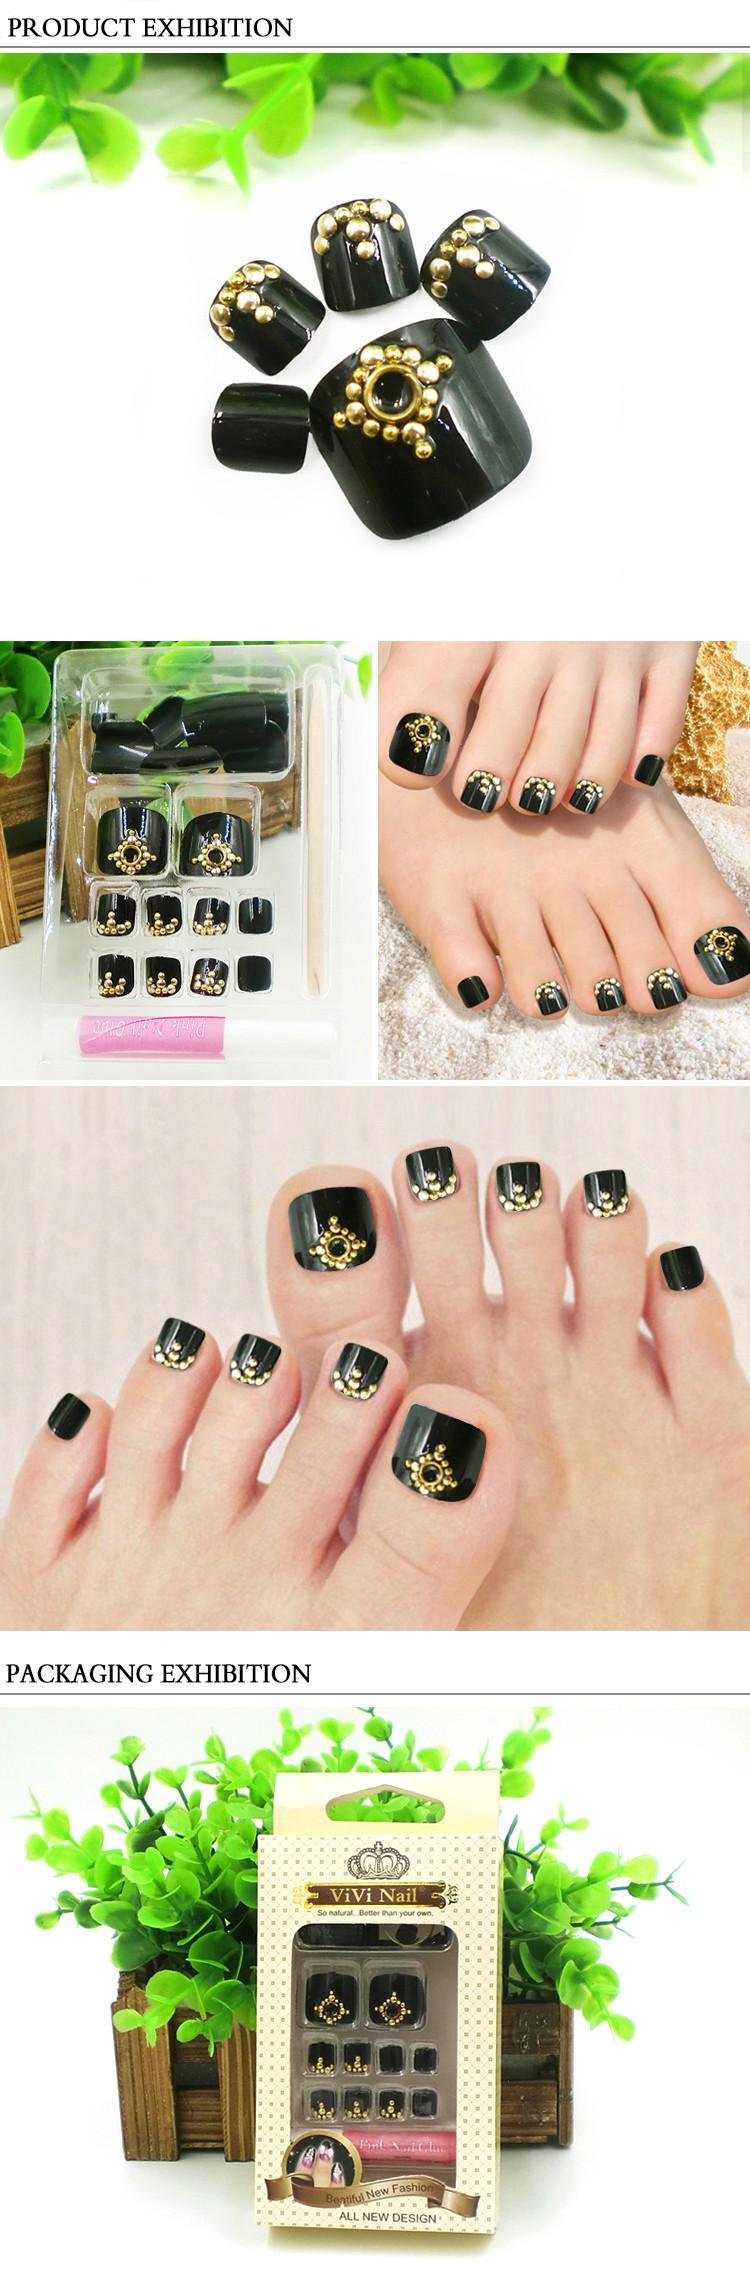 3d Nail Art where to buy 3d nail art supplies : Vivi Nail Stock Wholesale Free Sample Nails Supplies 3d Nail Art ...